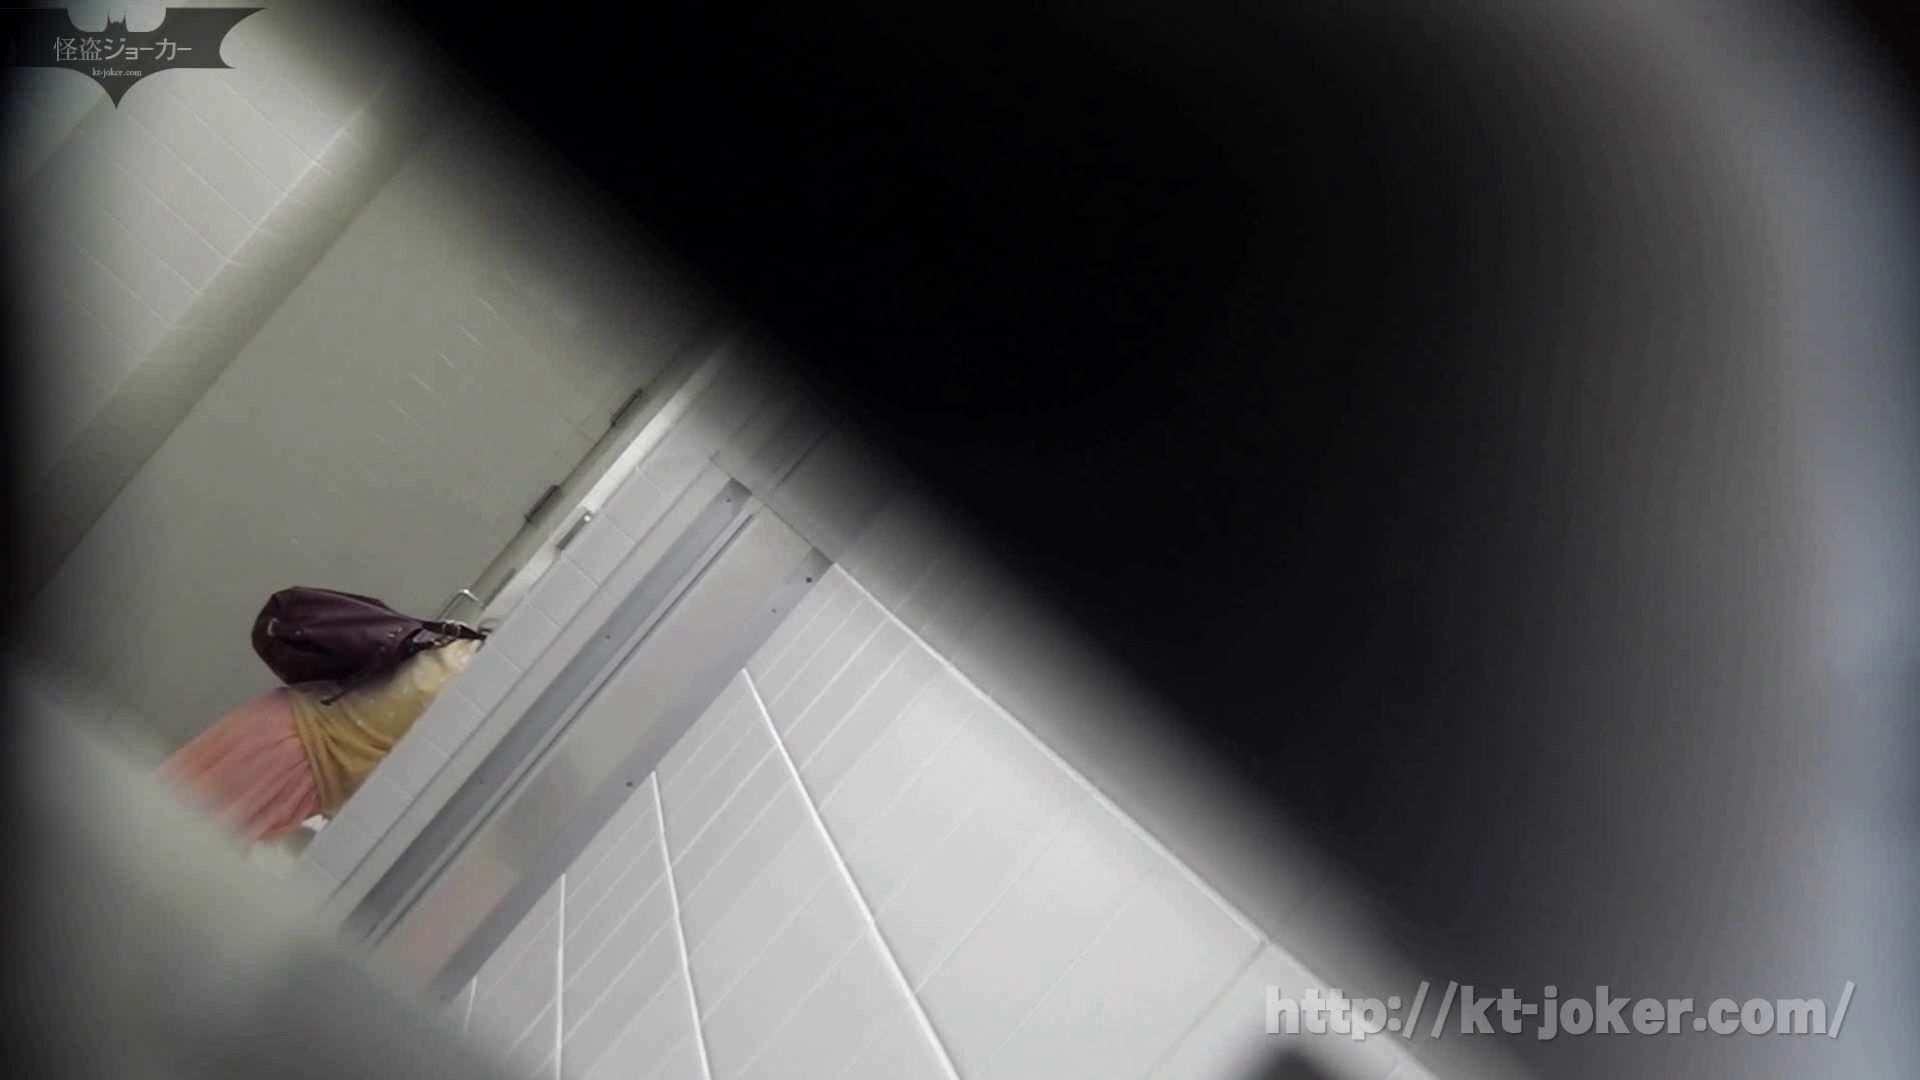 命がけ潜伏洗面所! vol.49 高値更新!EUで育った日本人 プライベート 盗撮動画紹介 98画像 89